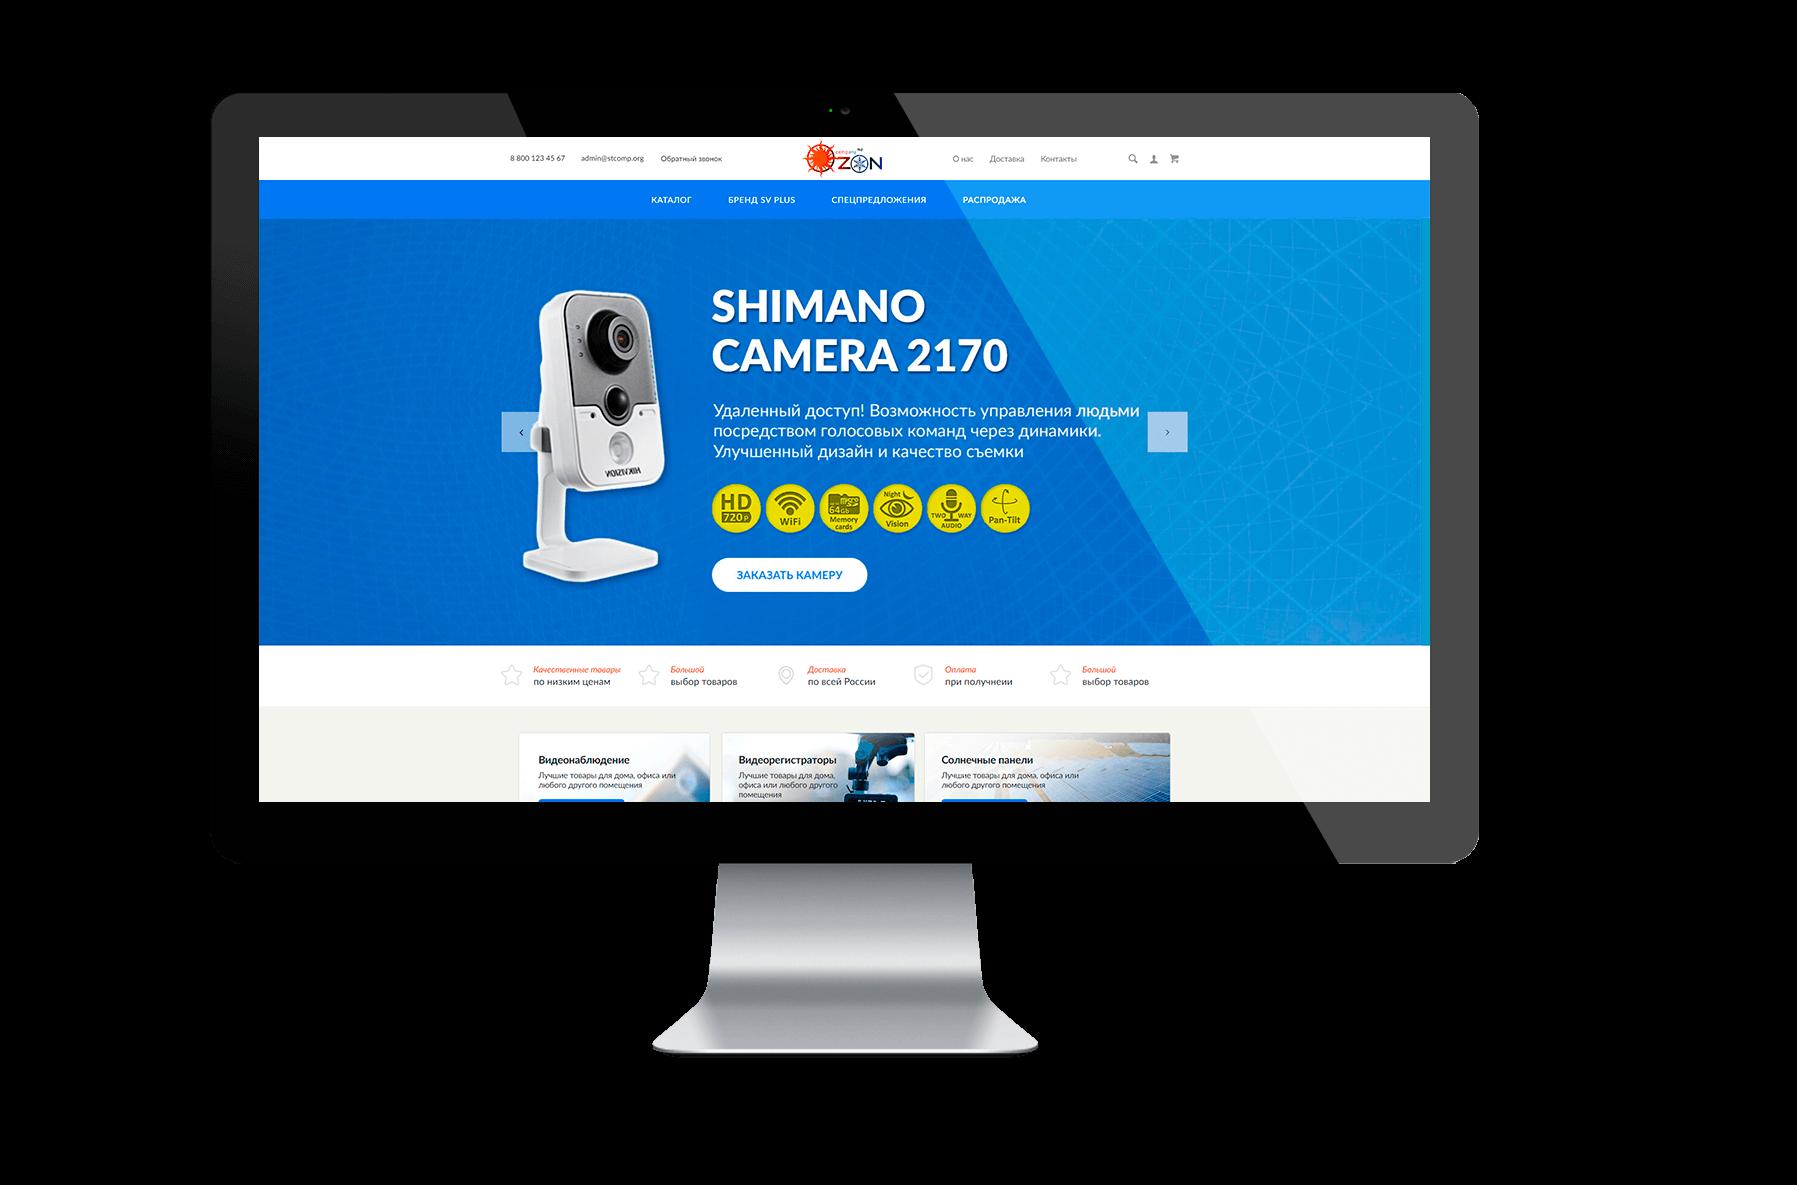 Интернет магазин оборудования для видеонаблюдения